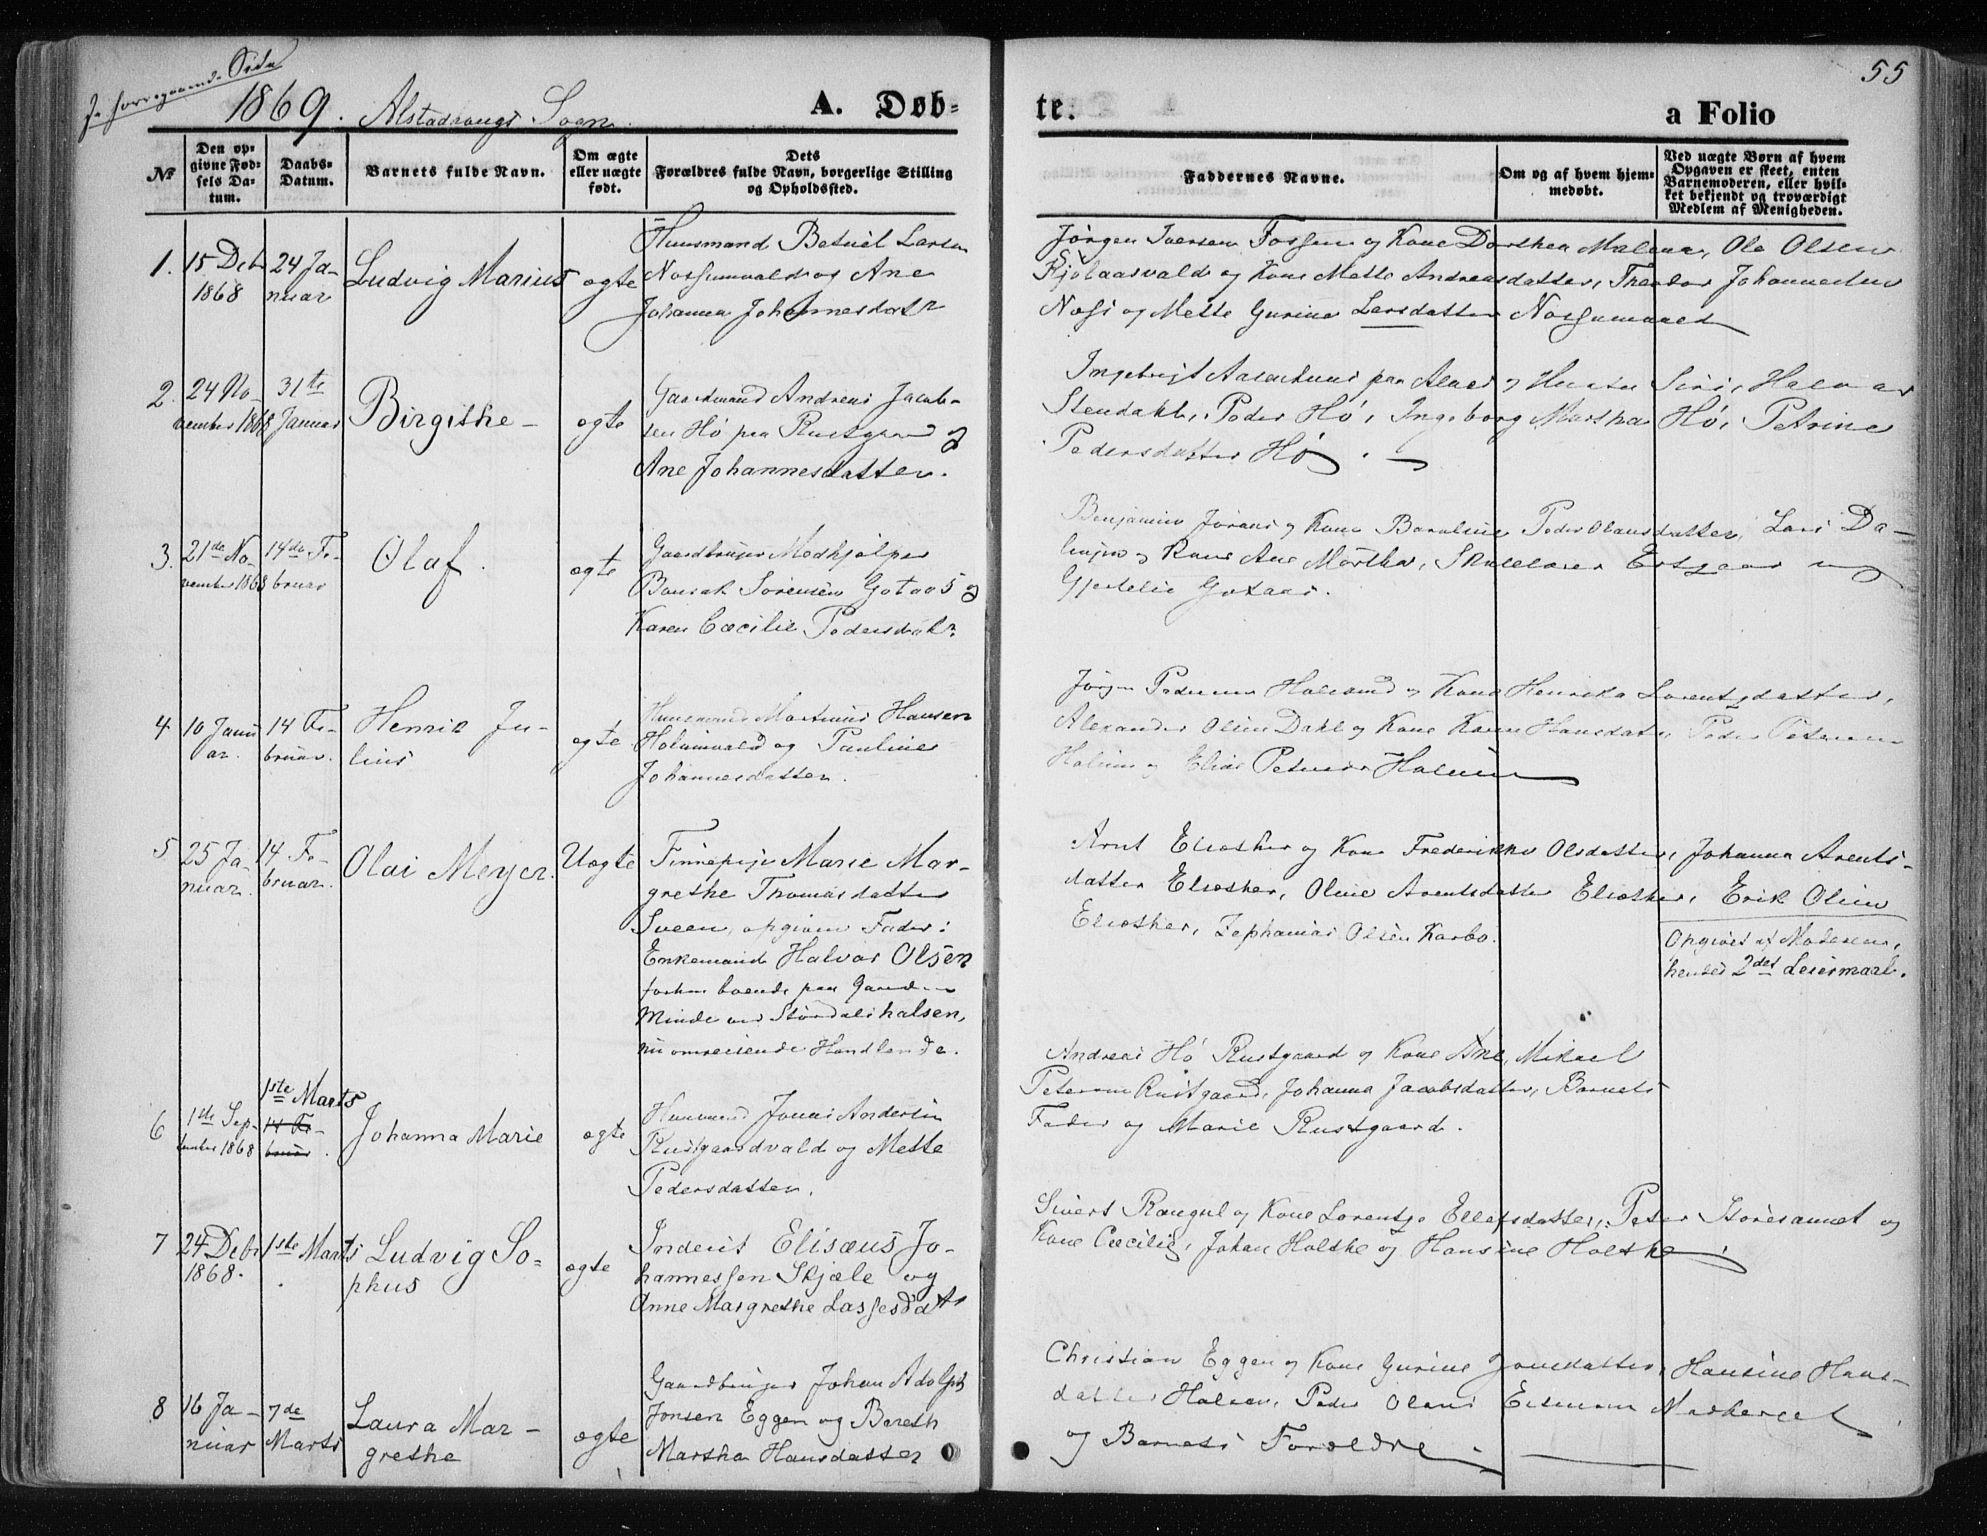 SAT, Ministerialprotokoller, klokkerbøker og fødselsregistre - Nord-Trøndelag, 717/L0157: Ministerialbok nr. 717A08 /1, 1863-1877, s. 55